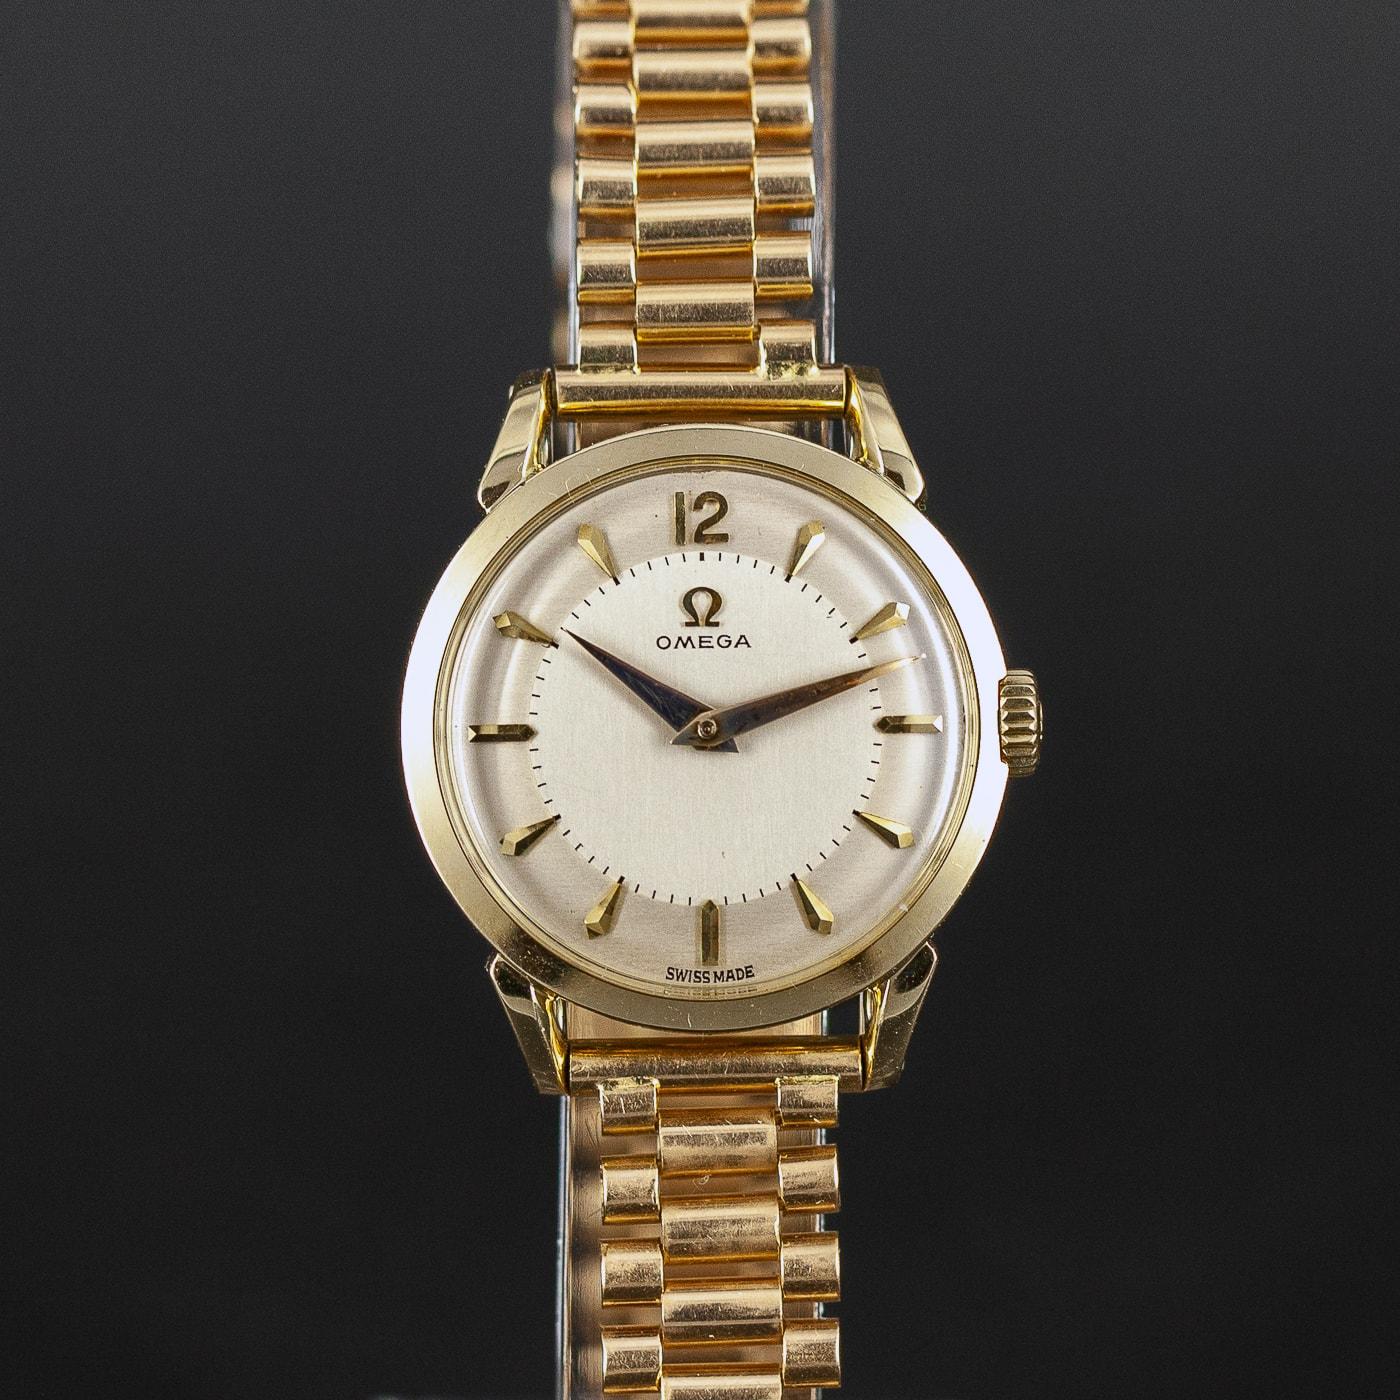 14k Omega ref. 2524 naisten rannekello vuodelta 1956 - Longitudi 7e1dc97ae3